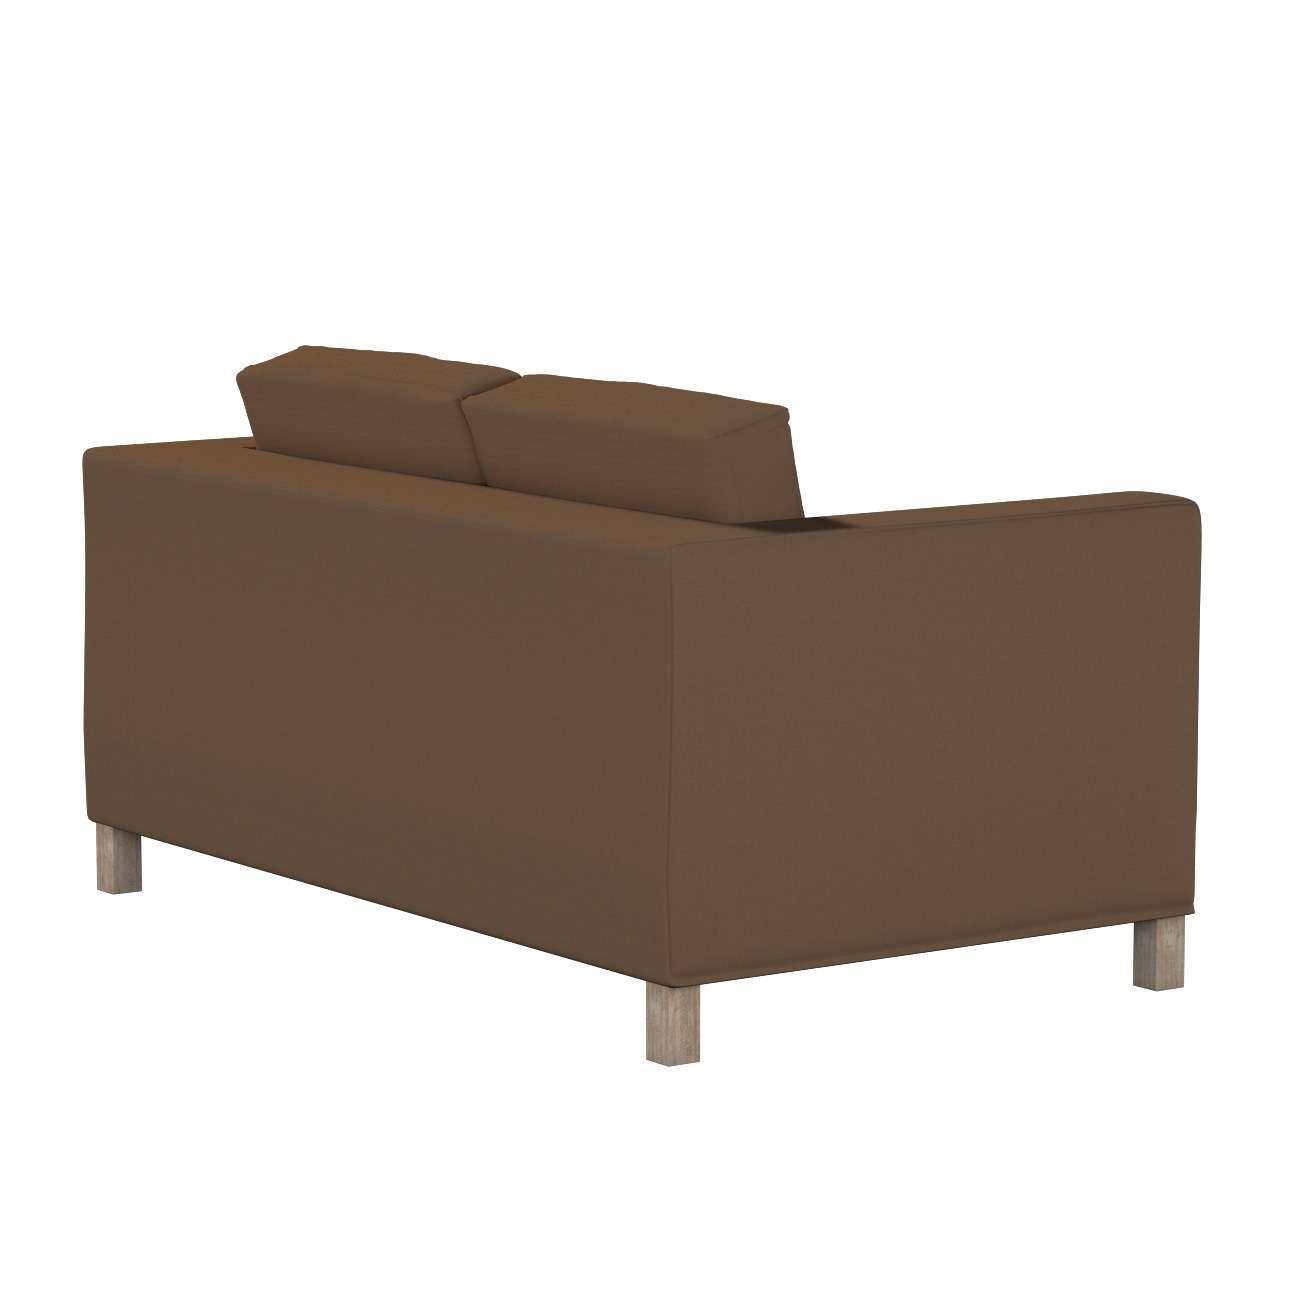 Pokrowiec na sofę Karlanda 2-osobową nierozkładaną, krótki w kolekcji Cotton Panama, tkanina: 702-02